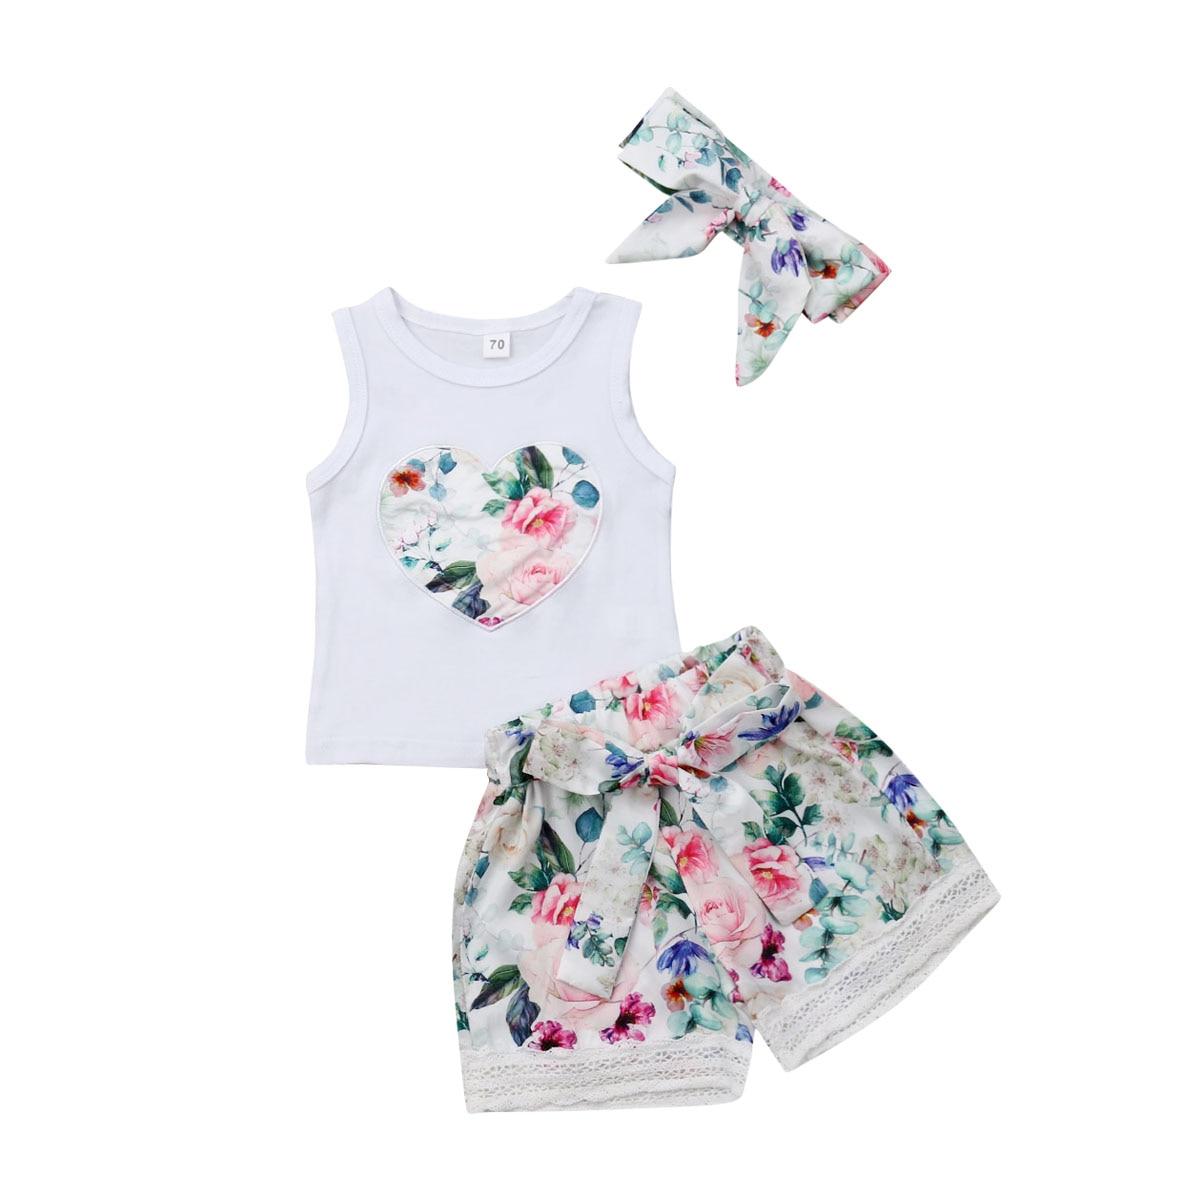 3 piezas verano recién nacido bebé niña ropa otton sin mangas Floral Tops encaje pantalones trajes Sunsuit diadema verano conjuntos